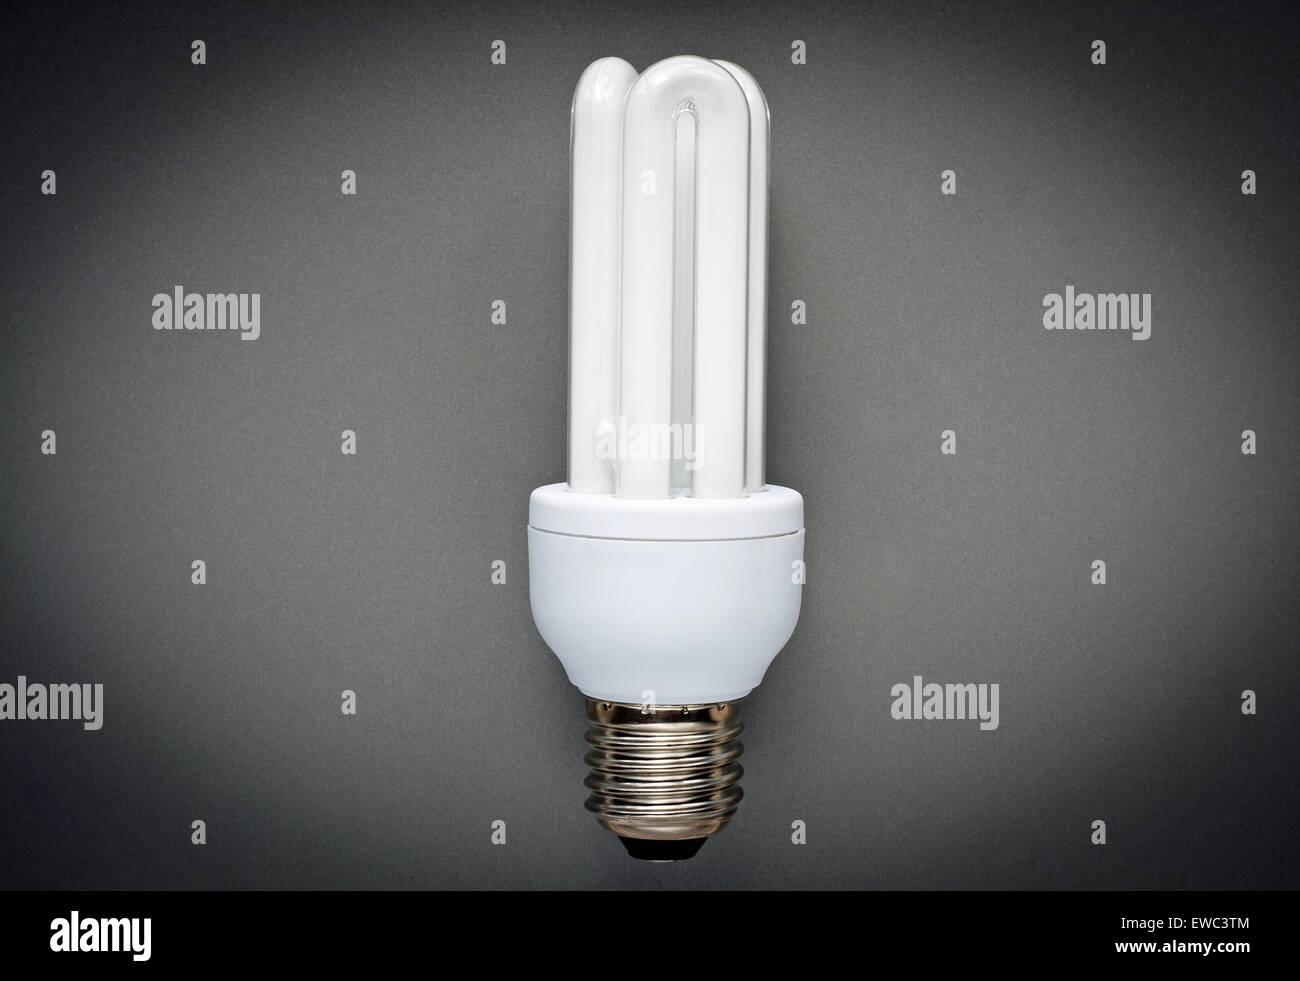 Energy saving bulb on grey background - Stock Image